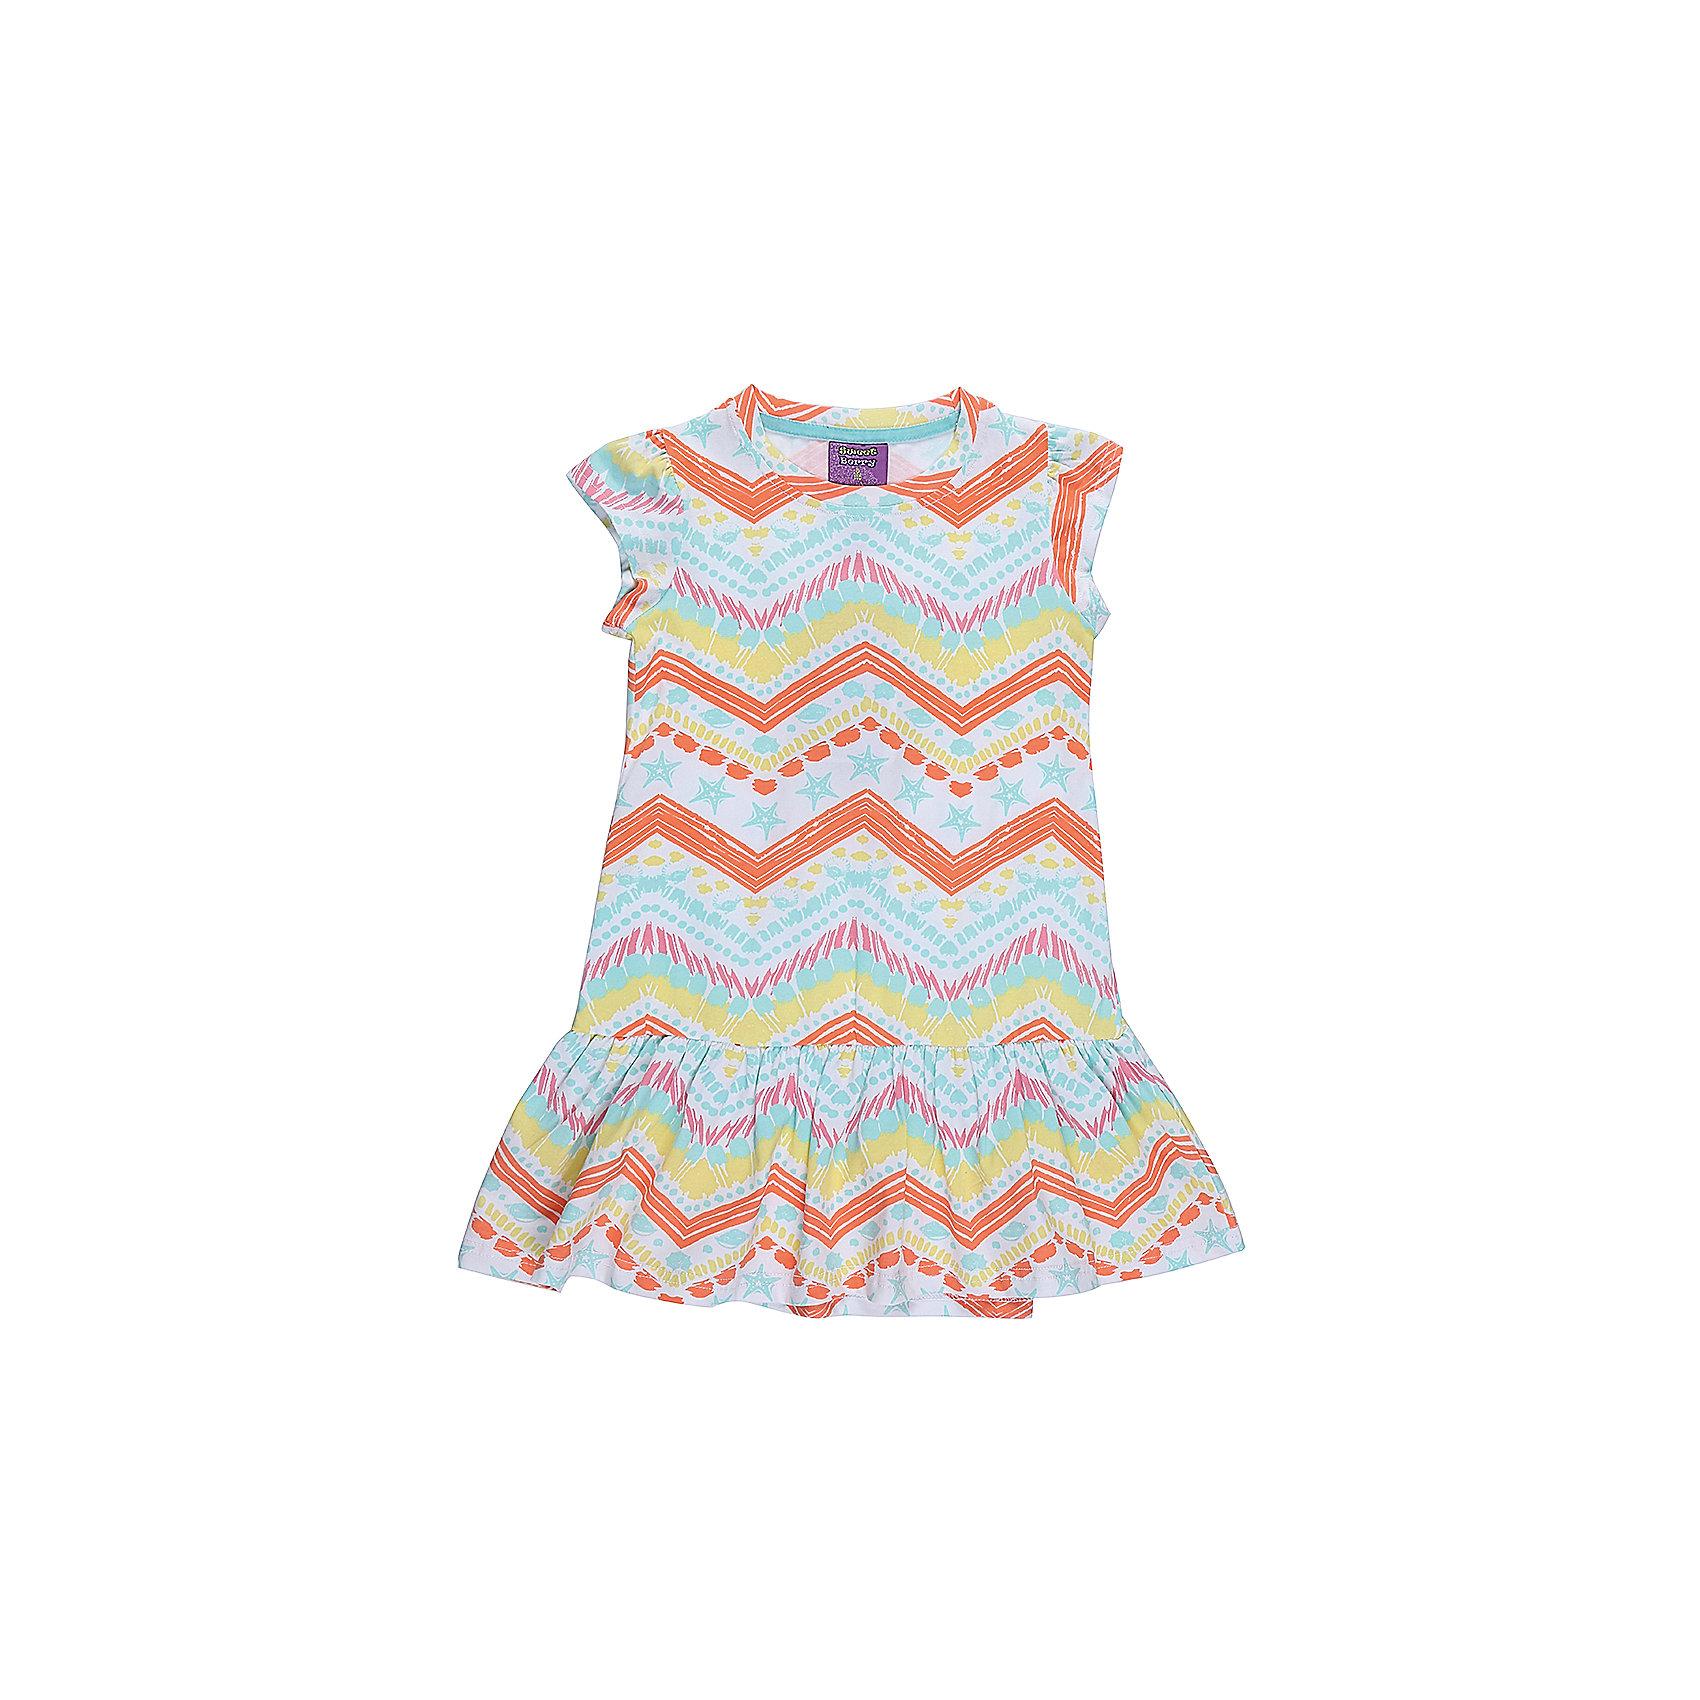 Платье для девочки Sweet BerryПлатья и сарафаны<br>Платье для девочки из трикотажной ткани с оригинальным принтом. Декорирован воланом по низу изделия.<br>Состав:<br>95%хлопок 5%эластан<br><br>Ширина мм: 236<br>Глубина мм: 16<br>Высота мм: 184<br>Вес г: 177<br>Цвет: разноцветный<br>Возраст от месяцев: 36<br>Возраст до месяцев: 48<br>Пол: Женский<br>Возраст: Детский<br>Размер: 98,110,116,122,104,128<br>SKU: 5412794